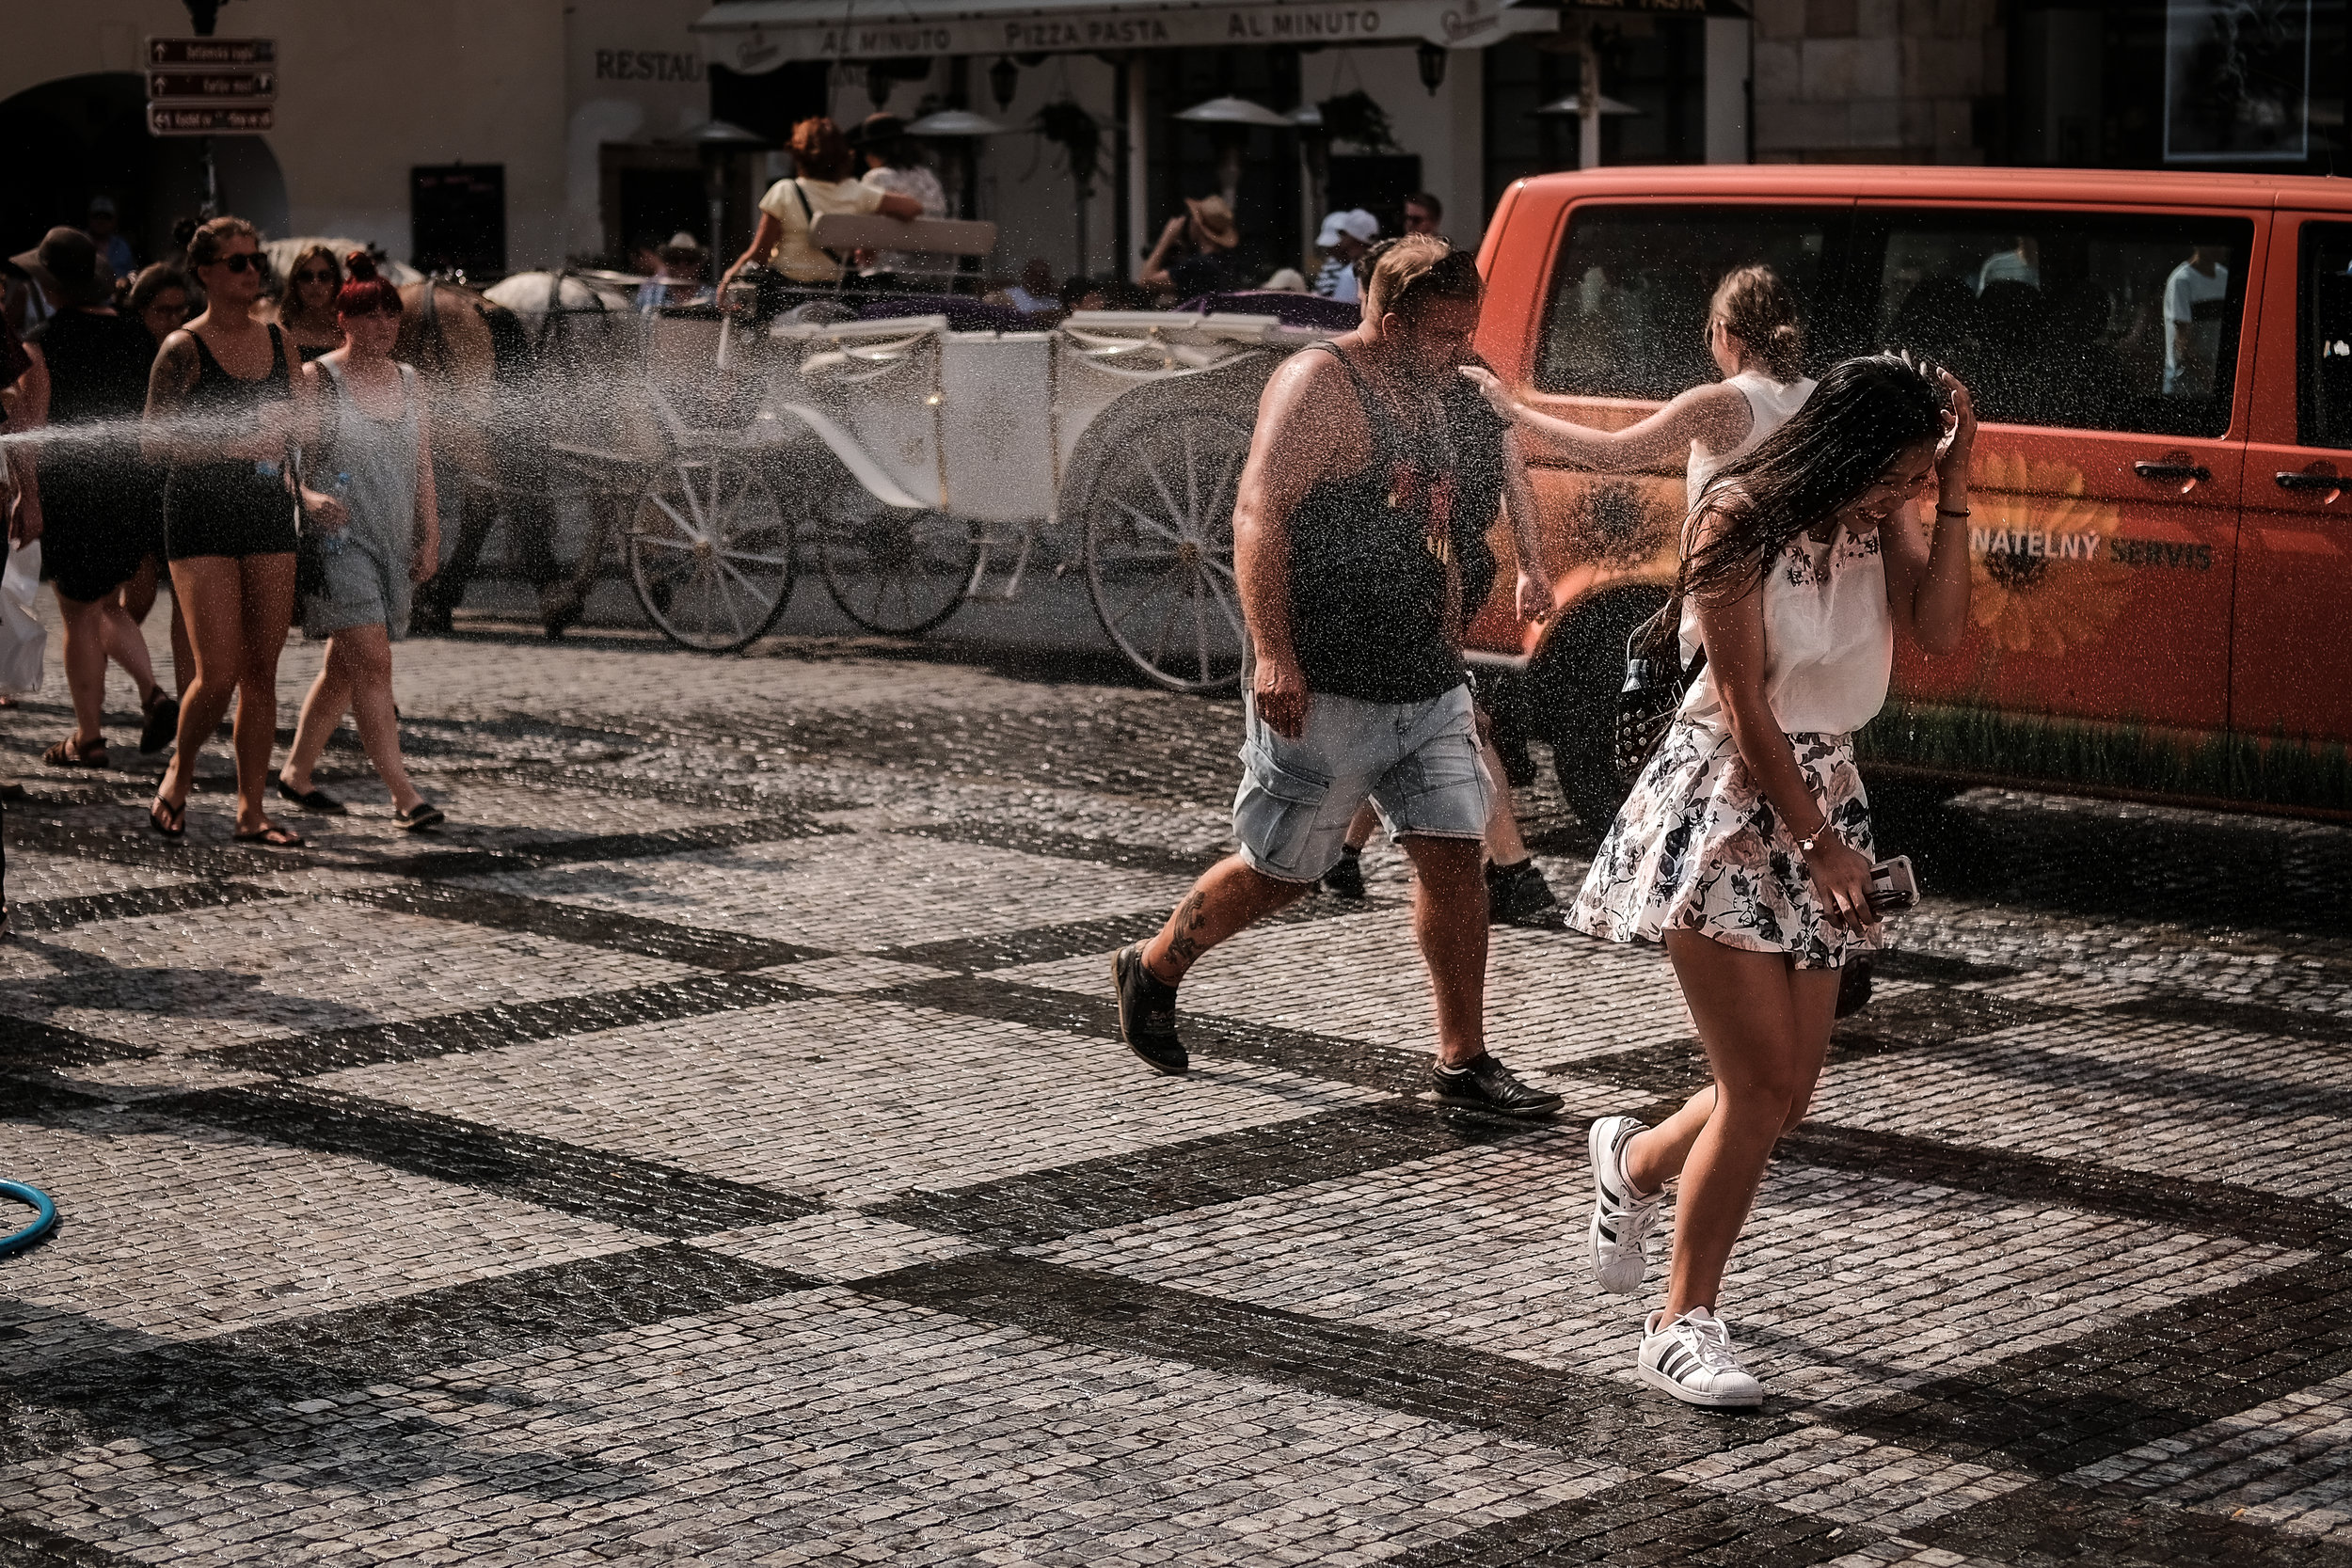 Prauge_Streets-25.jpg